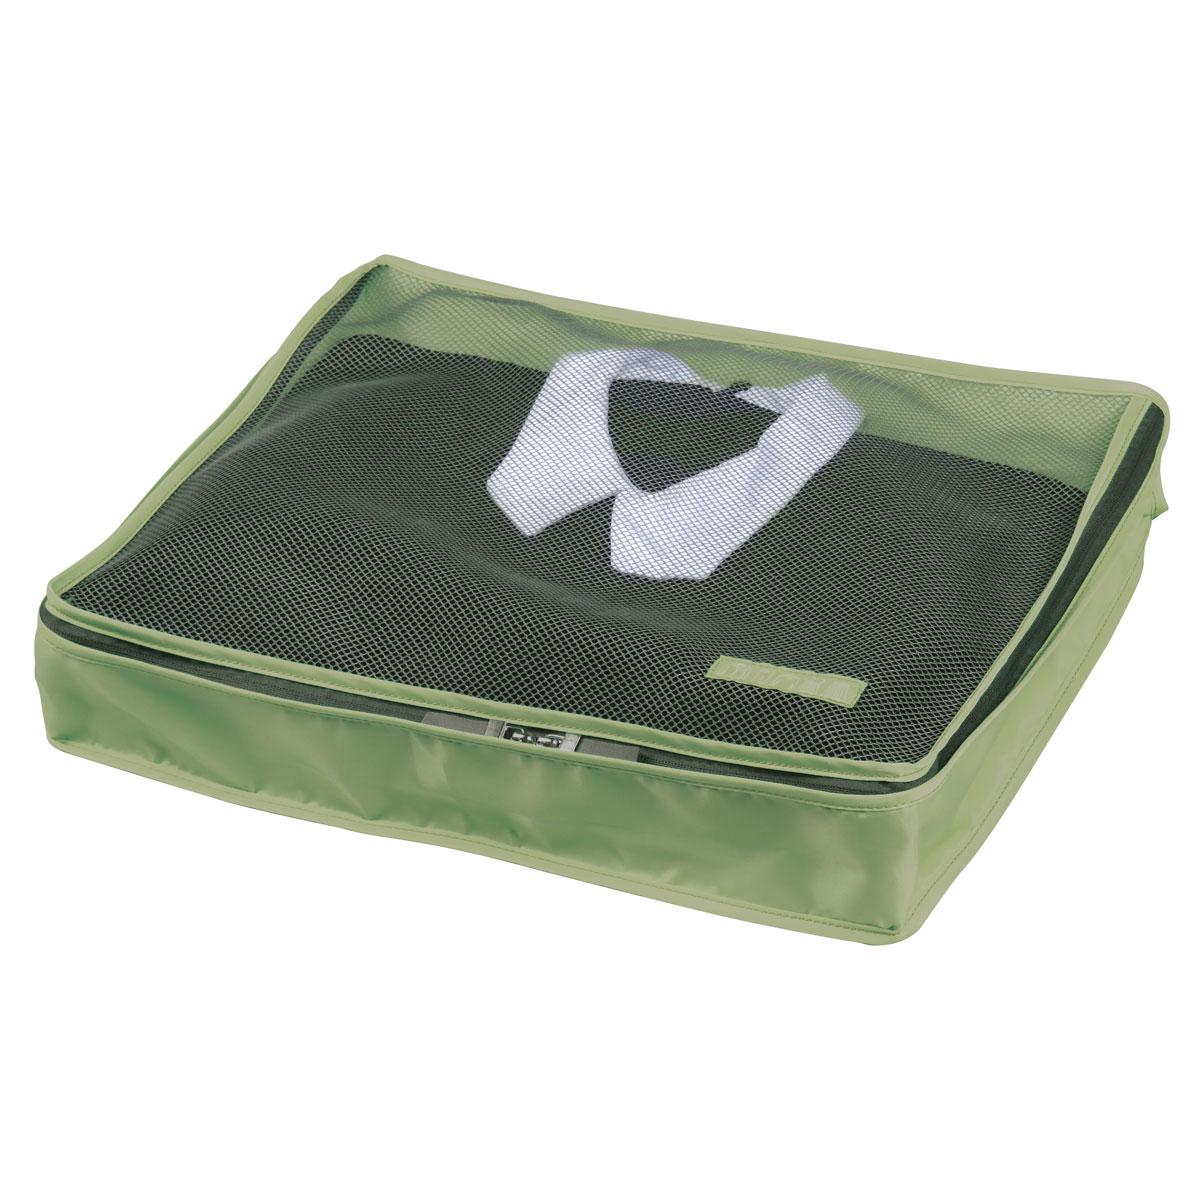 Органайзер для одежды Miolla, цвет: темно-зеленый, 45 х 35 х 8,5 смSO00386GОрганайзер для одежды Miolla изготовлен из полиэстера с водоотталкивающей поверхностью. Изделие сверху имеет сетку, благодаря чему происходит естественная циркуляция воздуха. Предназначен для хранения легкой одежды - маек, футболок, рубашек, нижнего белья и кофточек. Органайзер закрывается на молнию по всему периметру. Незаменимый аксессуар для путешествий, переездов и домашнего хранения. Невероятно компактный органайзер занимает минимум пространства, но способен вместить все необходимое.